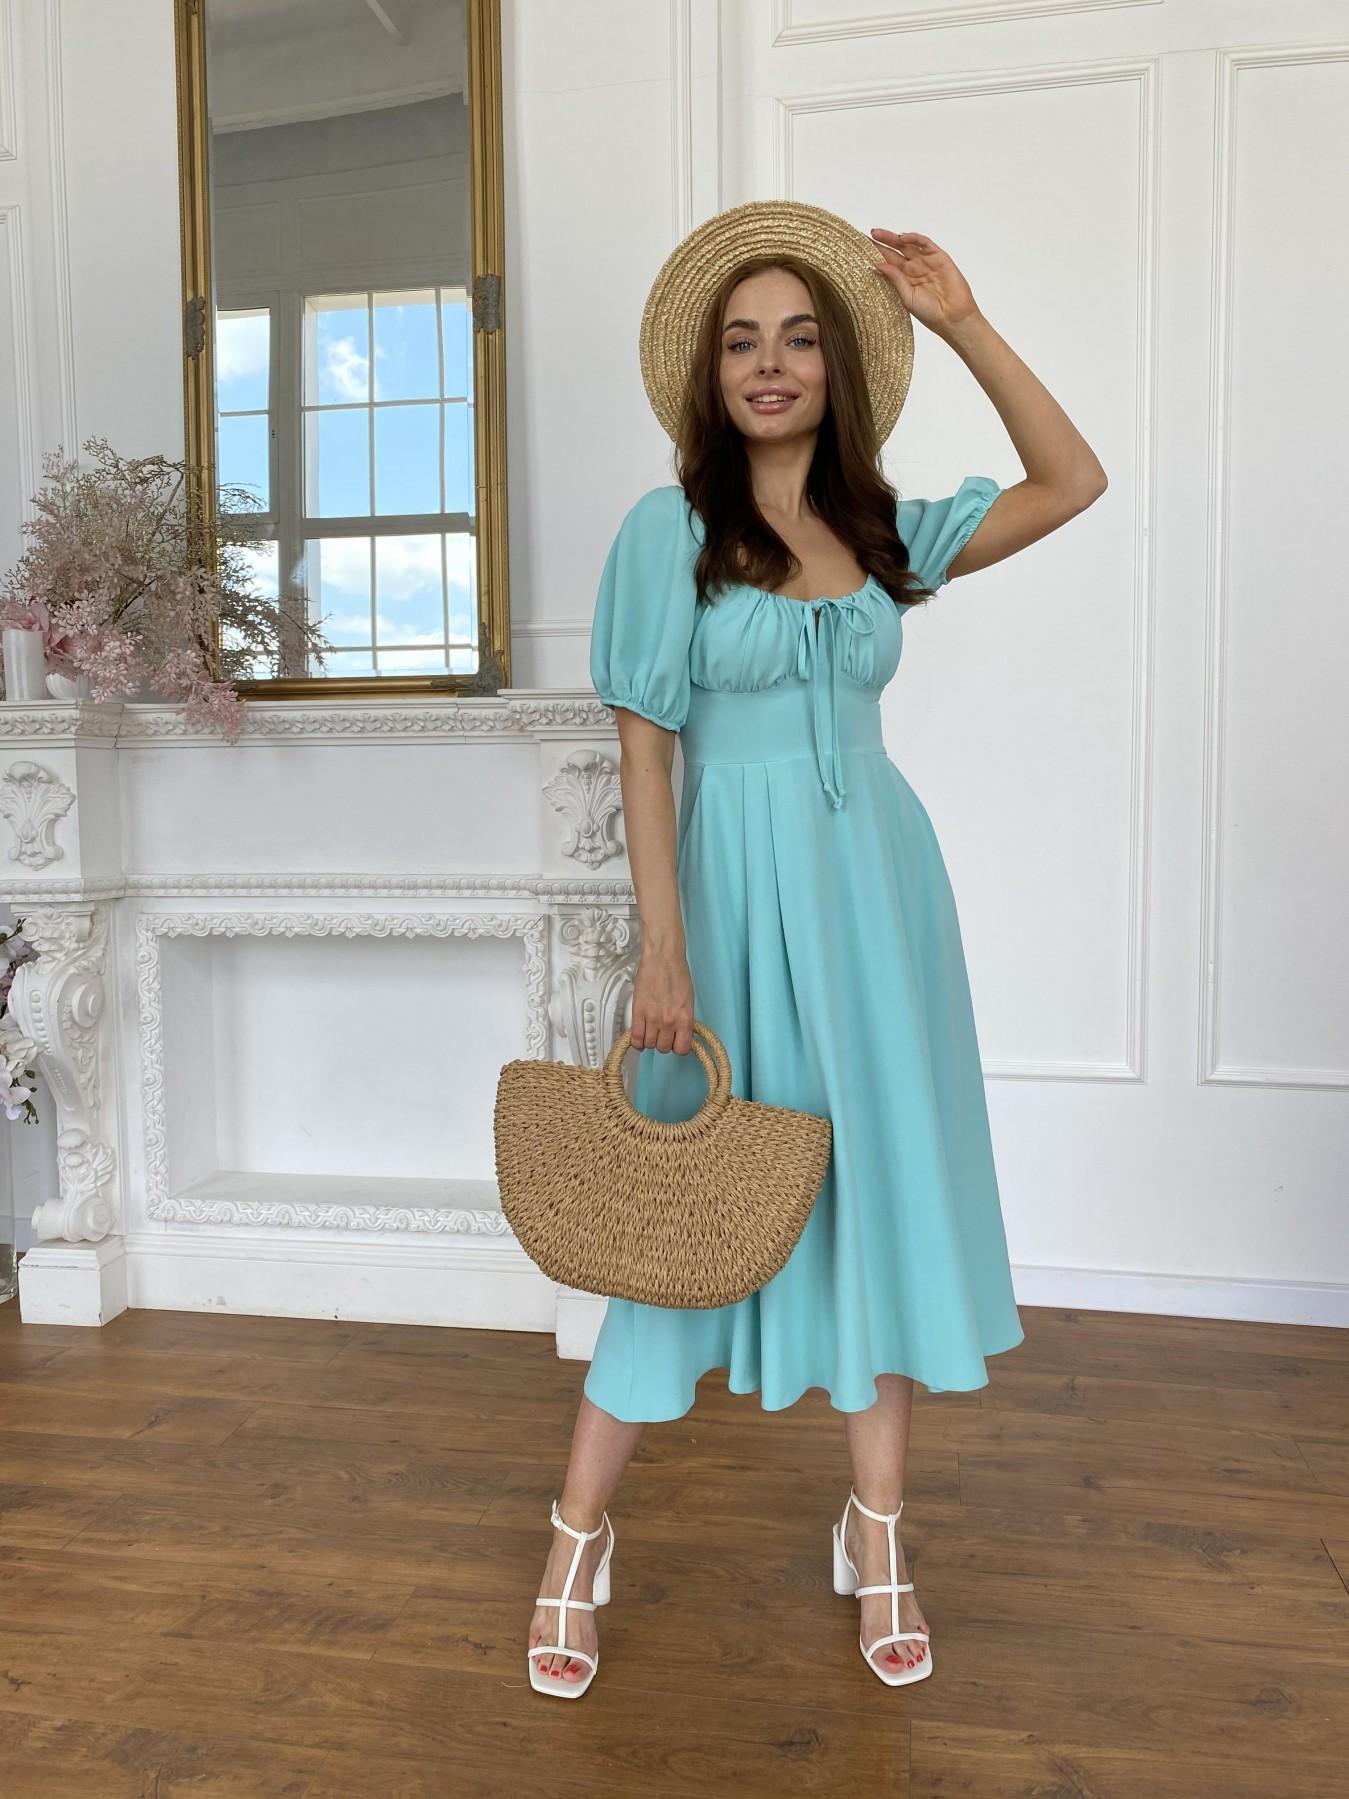 Кисес Миди платье из крепа х/б стрейч 11577 АРТ. 48254 Цвет: Мята - фото 7, интернет магазин tm-modus.ru